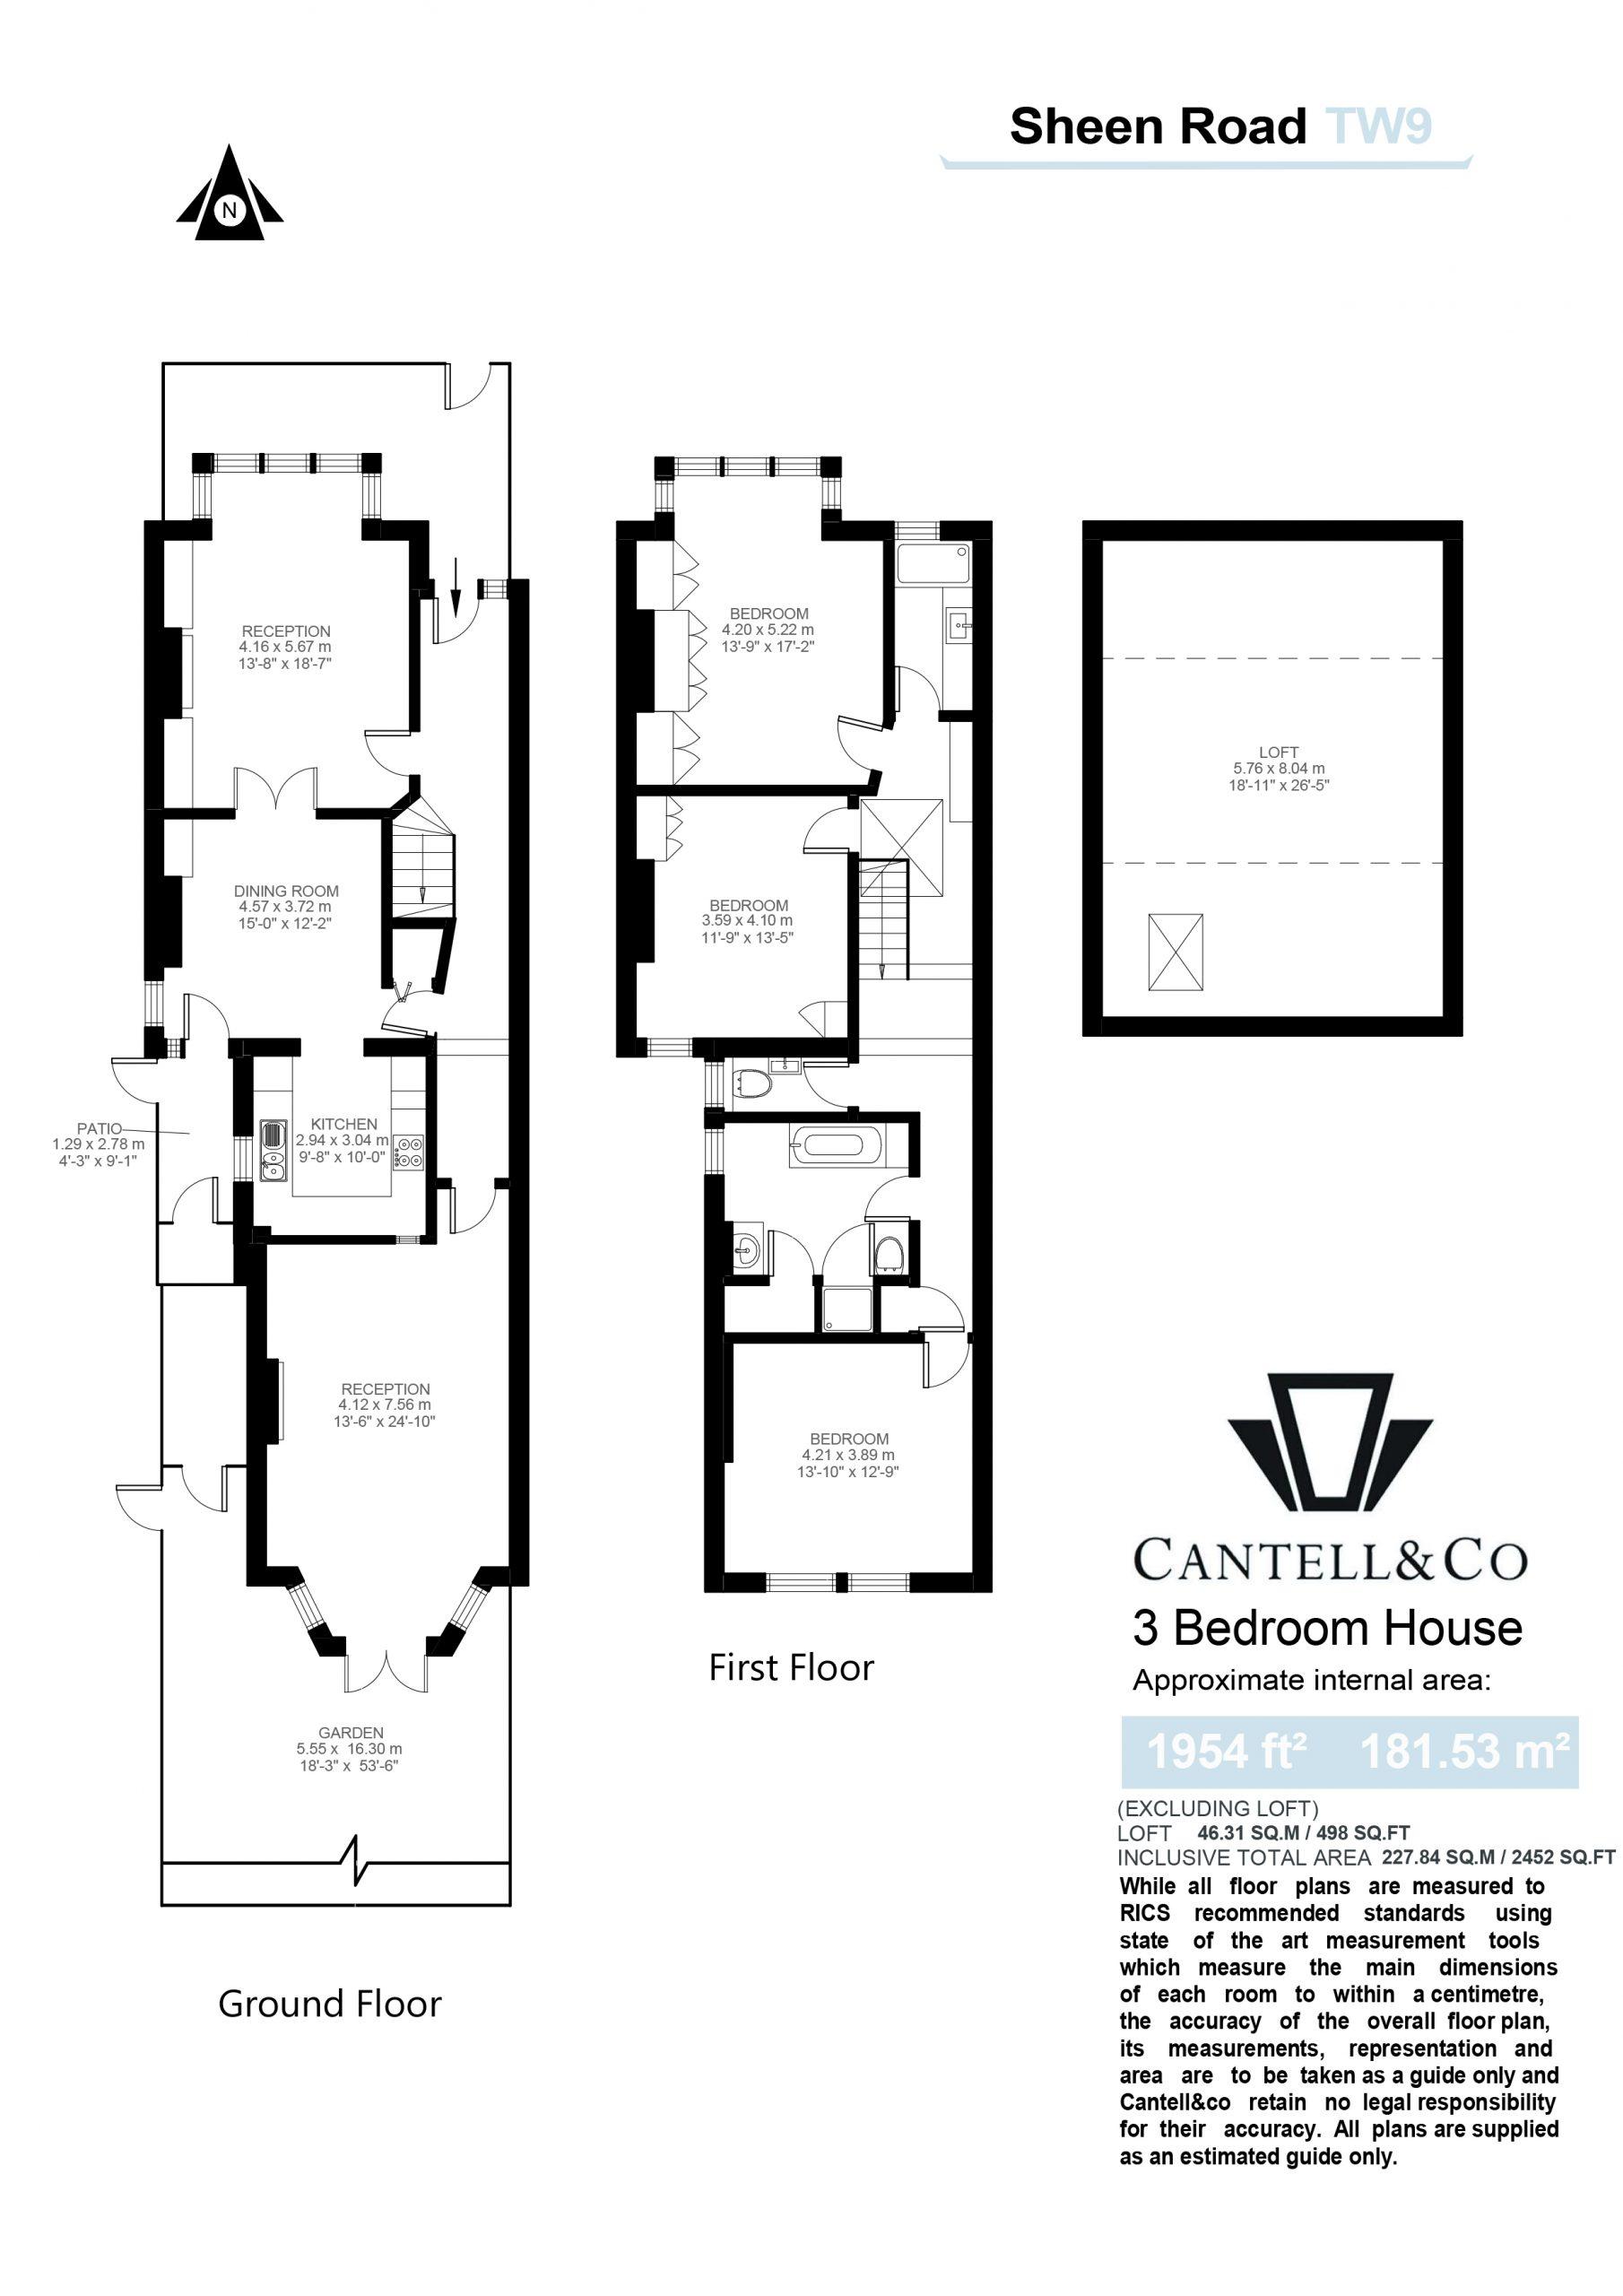 New floor plan 13.07.2021